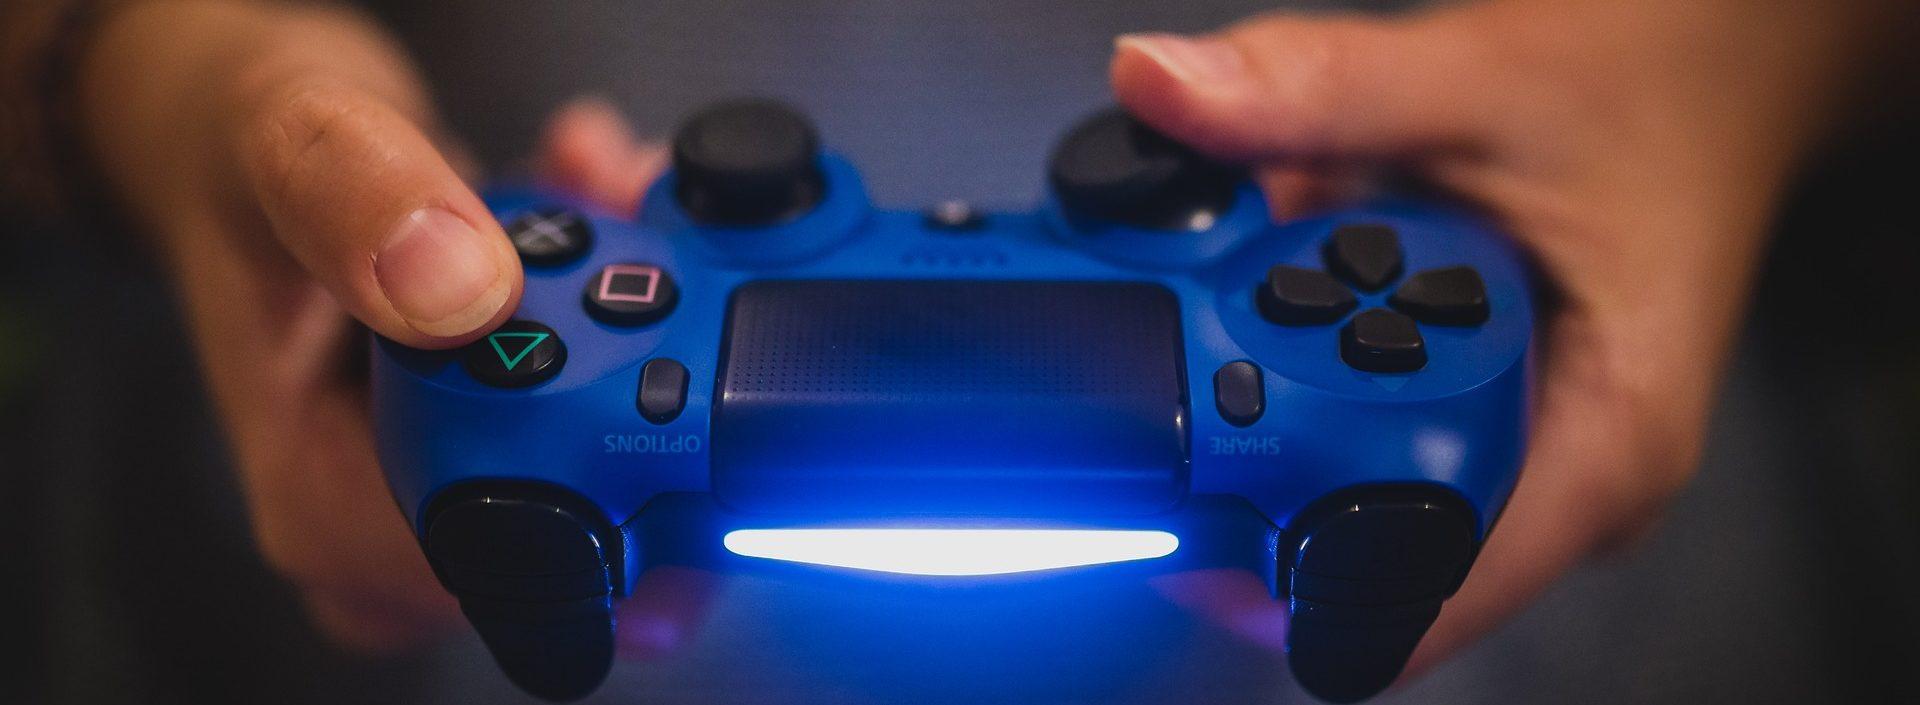 浮気・ネット恋愛に発展する確率が高いオンラインゲームの危険性!